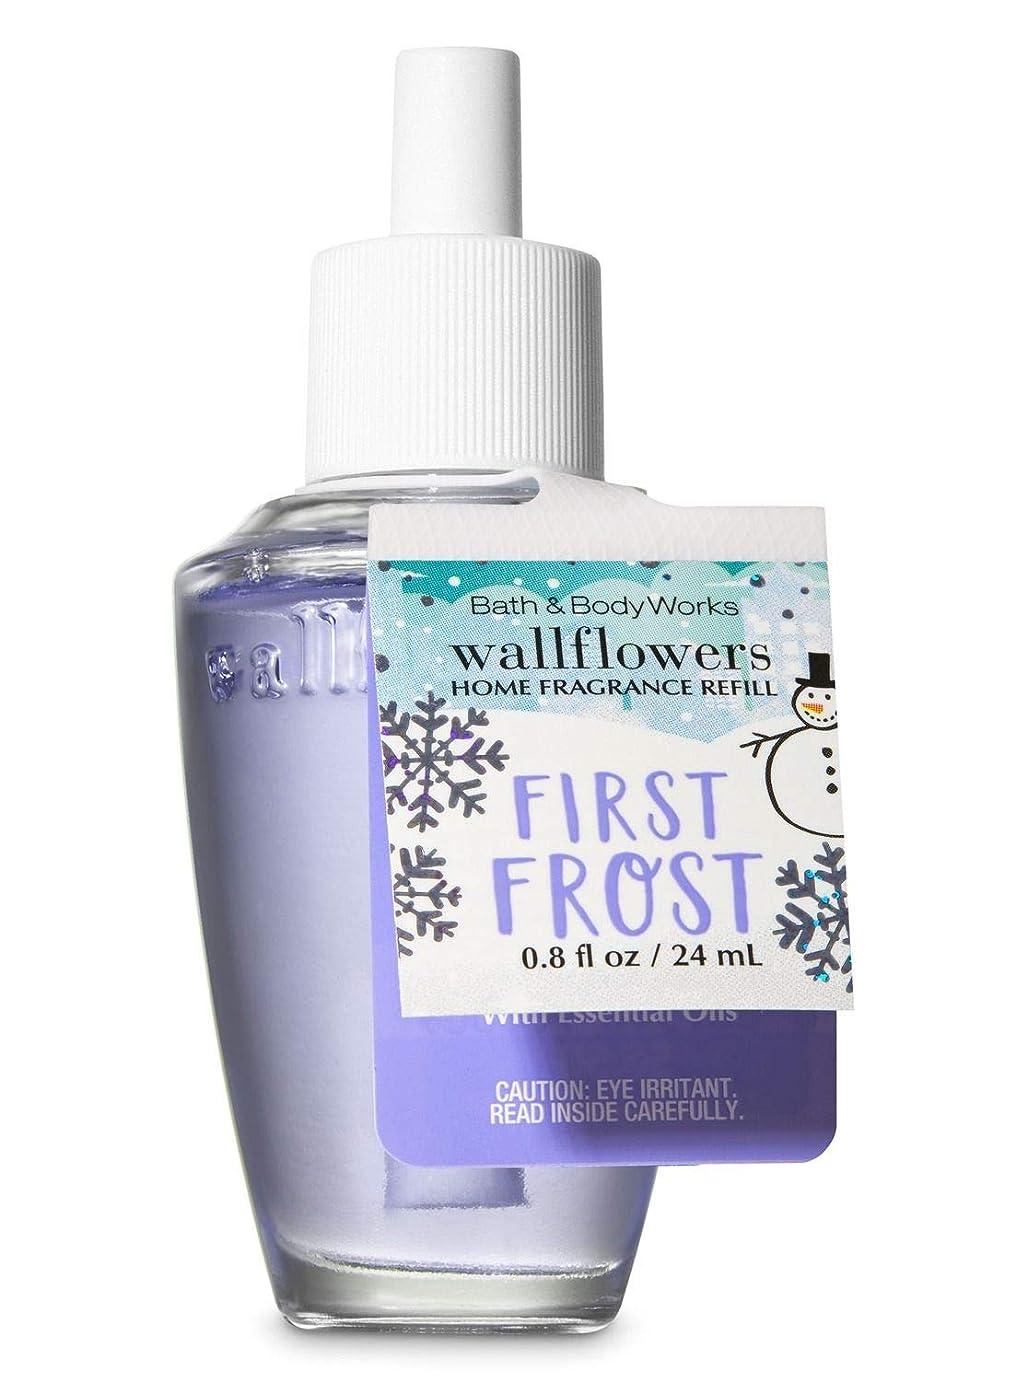 瞑想的ねばねば憲法【Bath&Body Works/バス&ボディワークス】 ルームフレグランス 詰替えリフィル ファーストフロスト Wallflowers Home Fragrance Refill First Frost [並行輸入品]